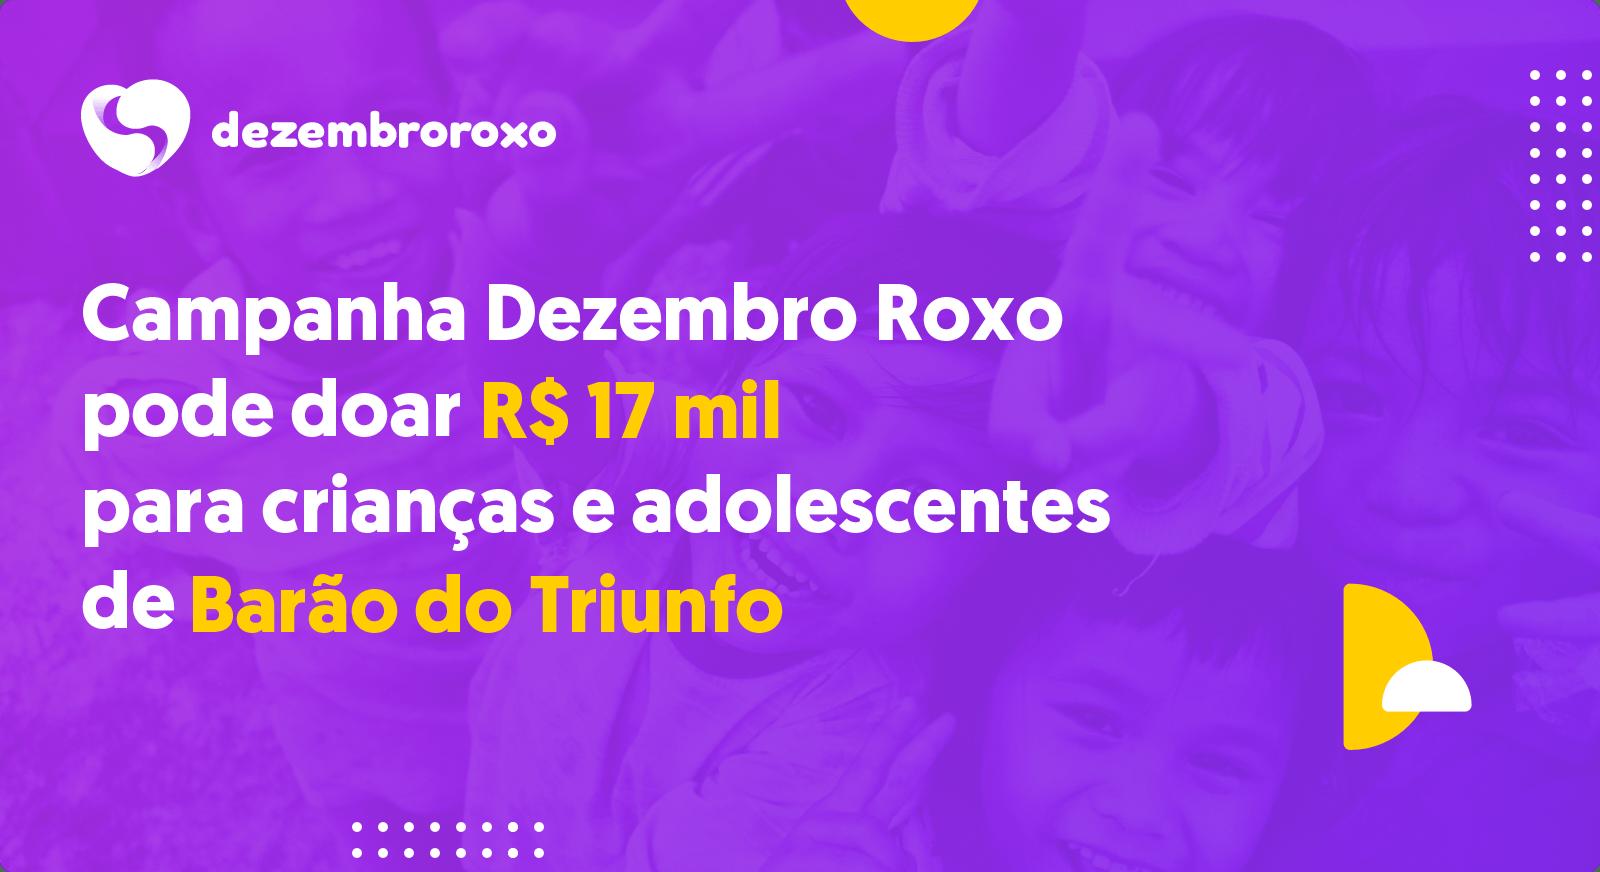 Doações em Barão do Triunfo - RS